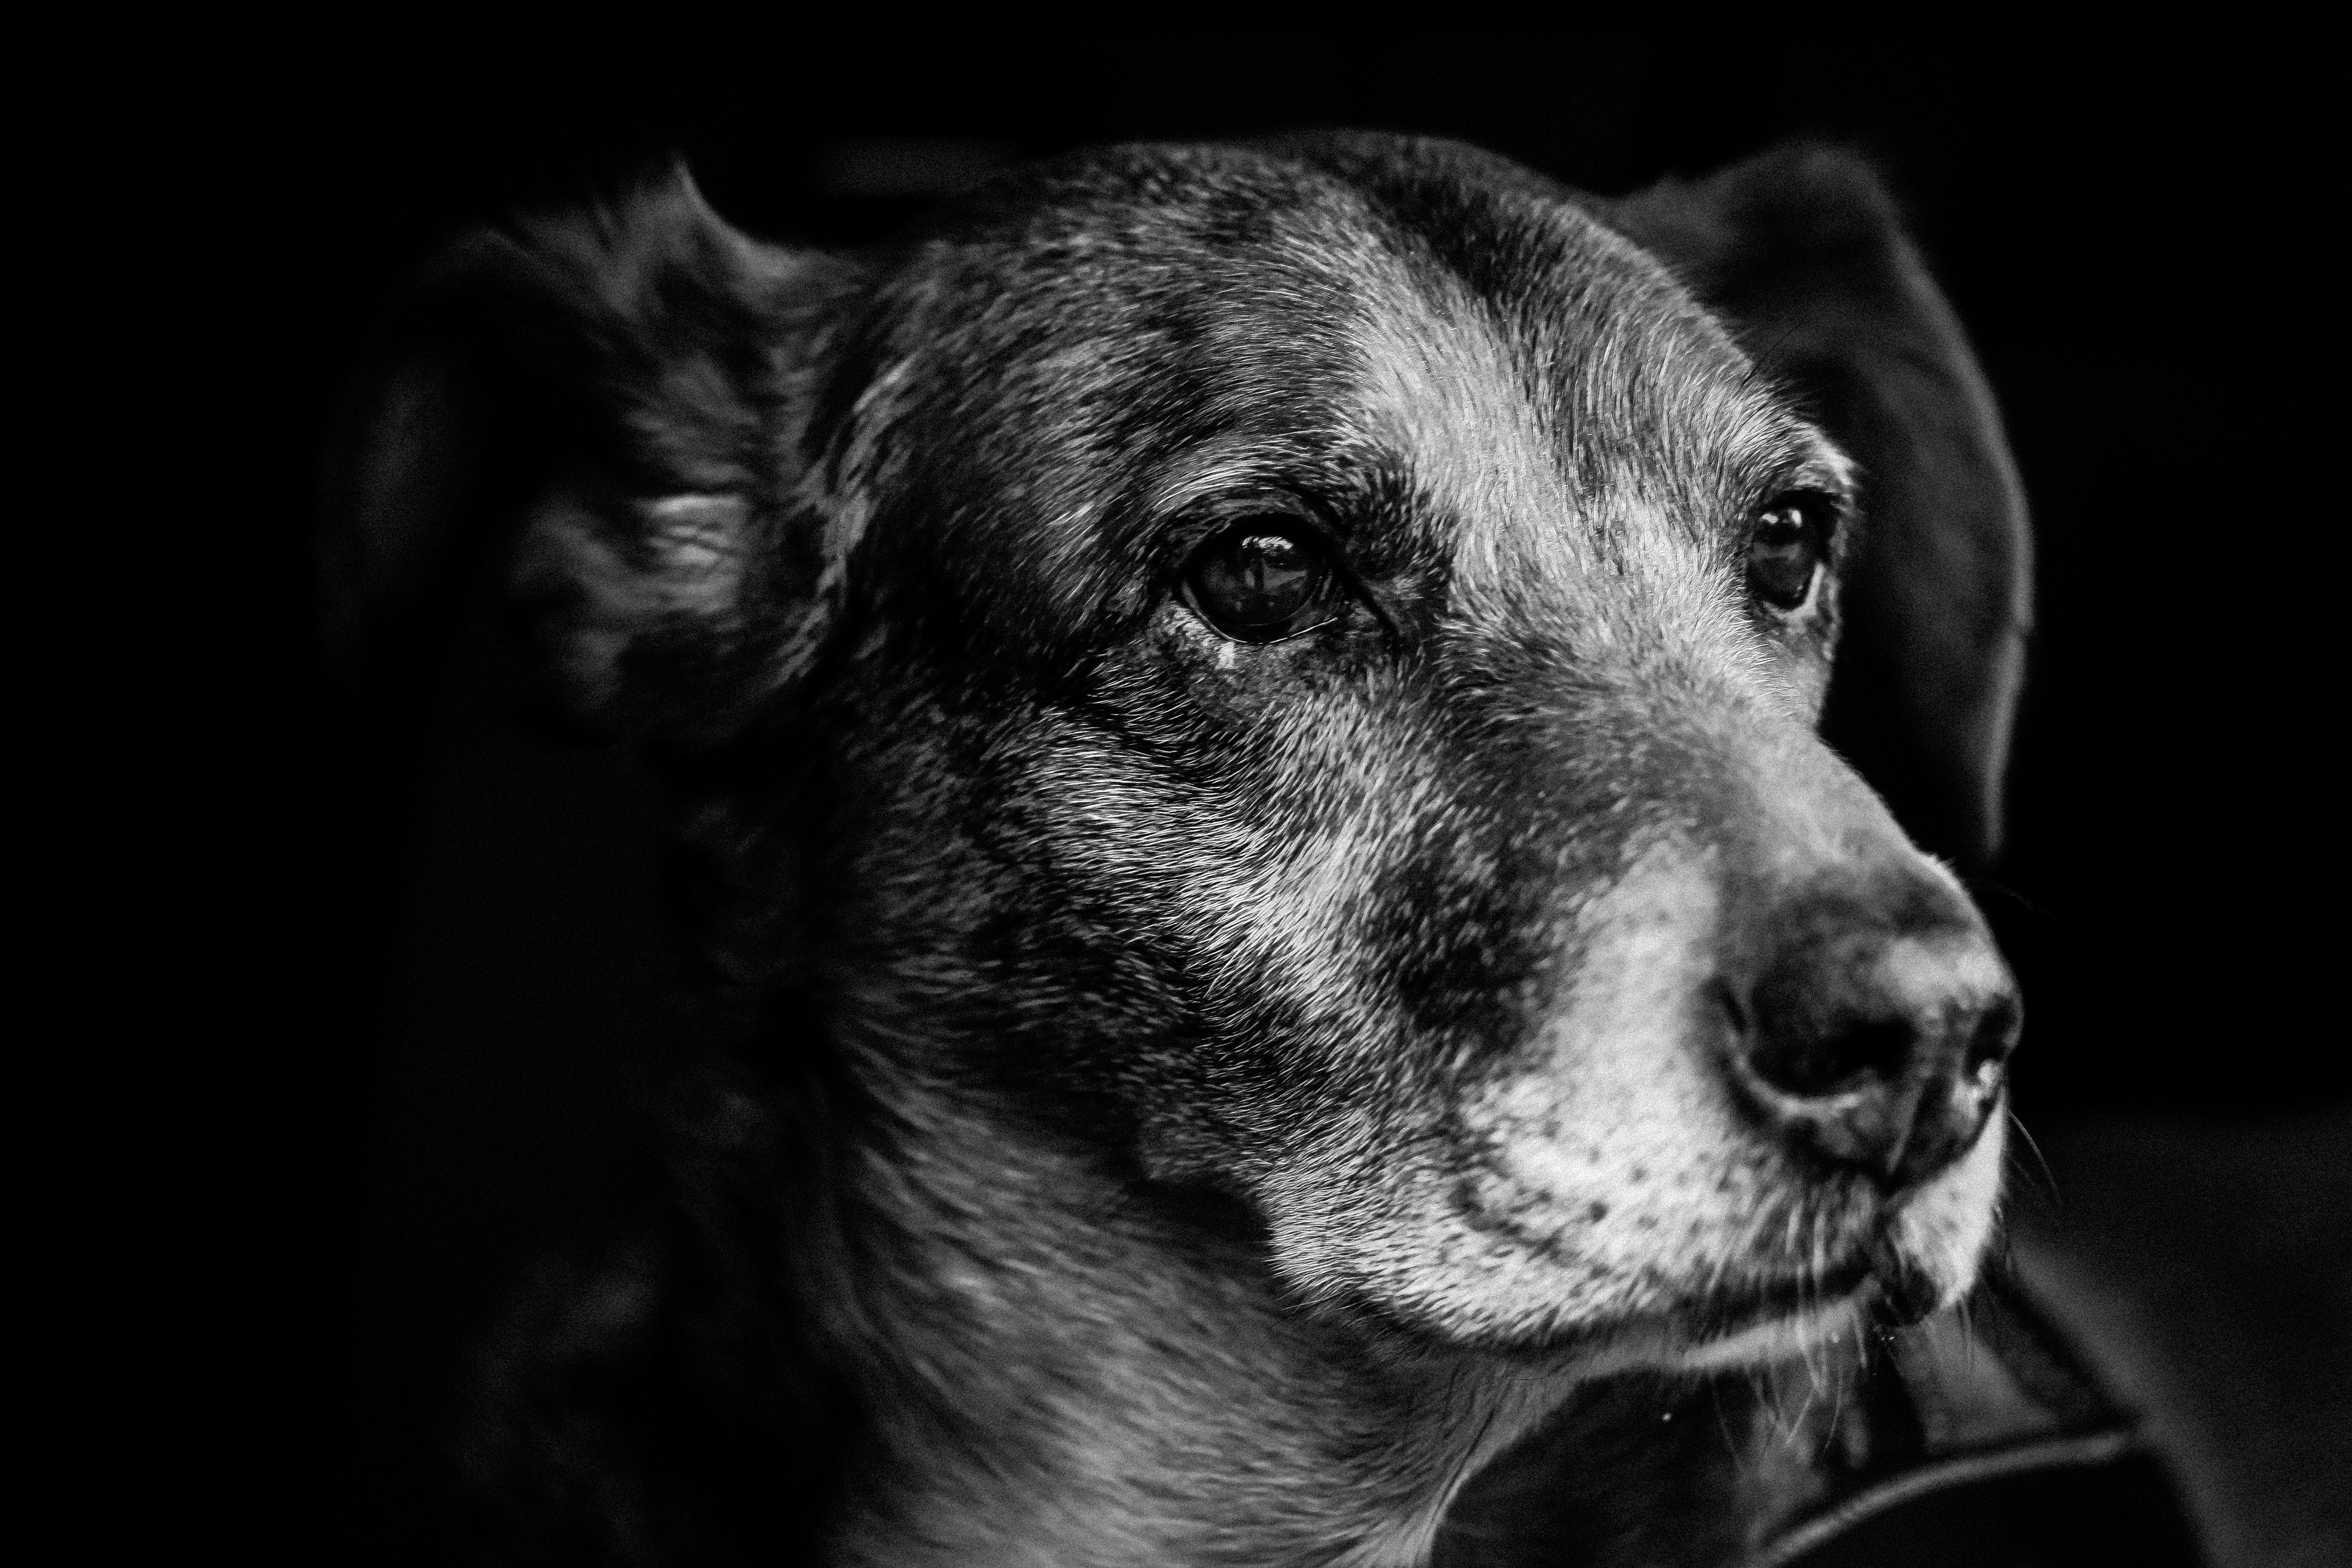 Free images black and white puppy pet fur portrait friendship